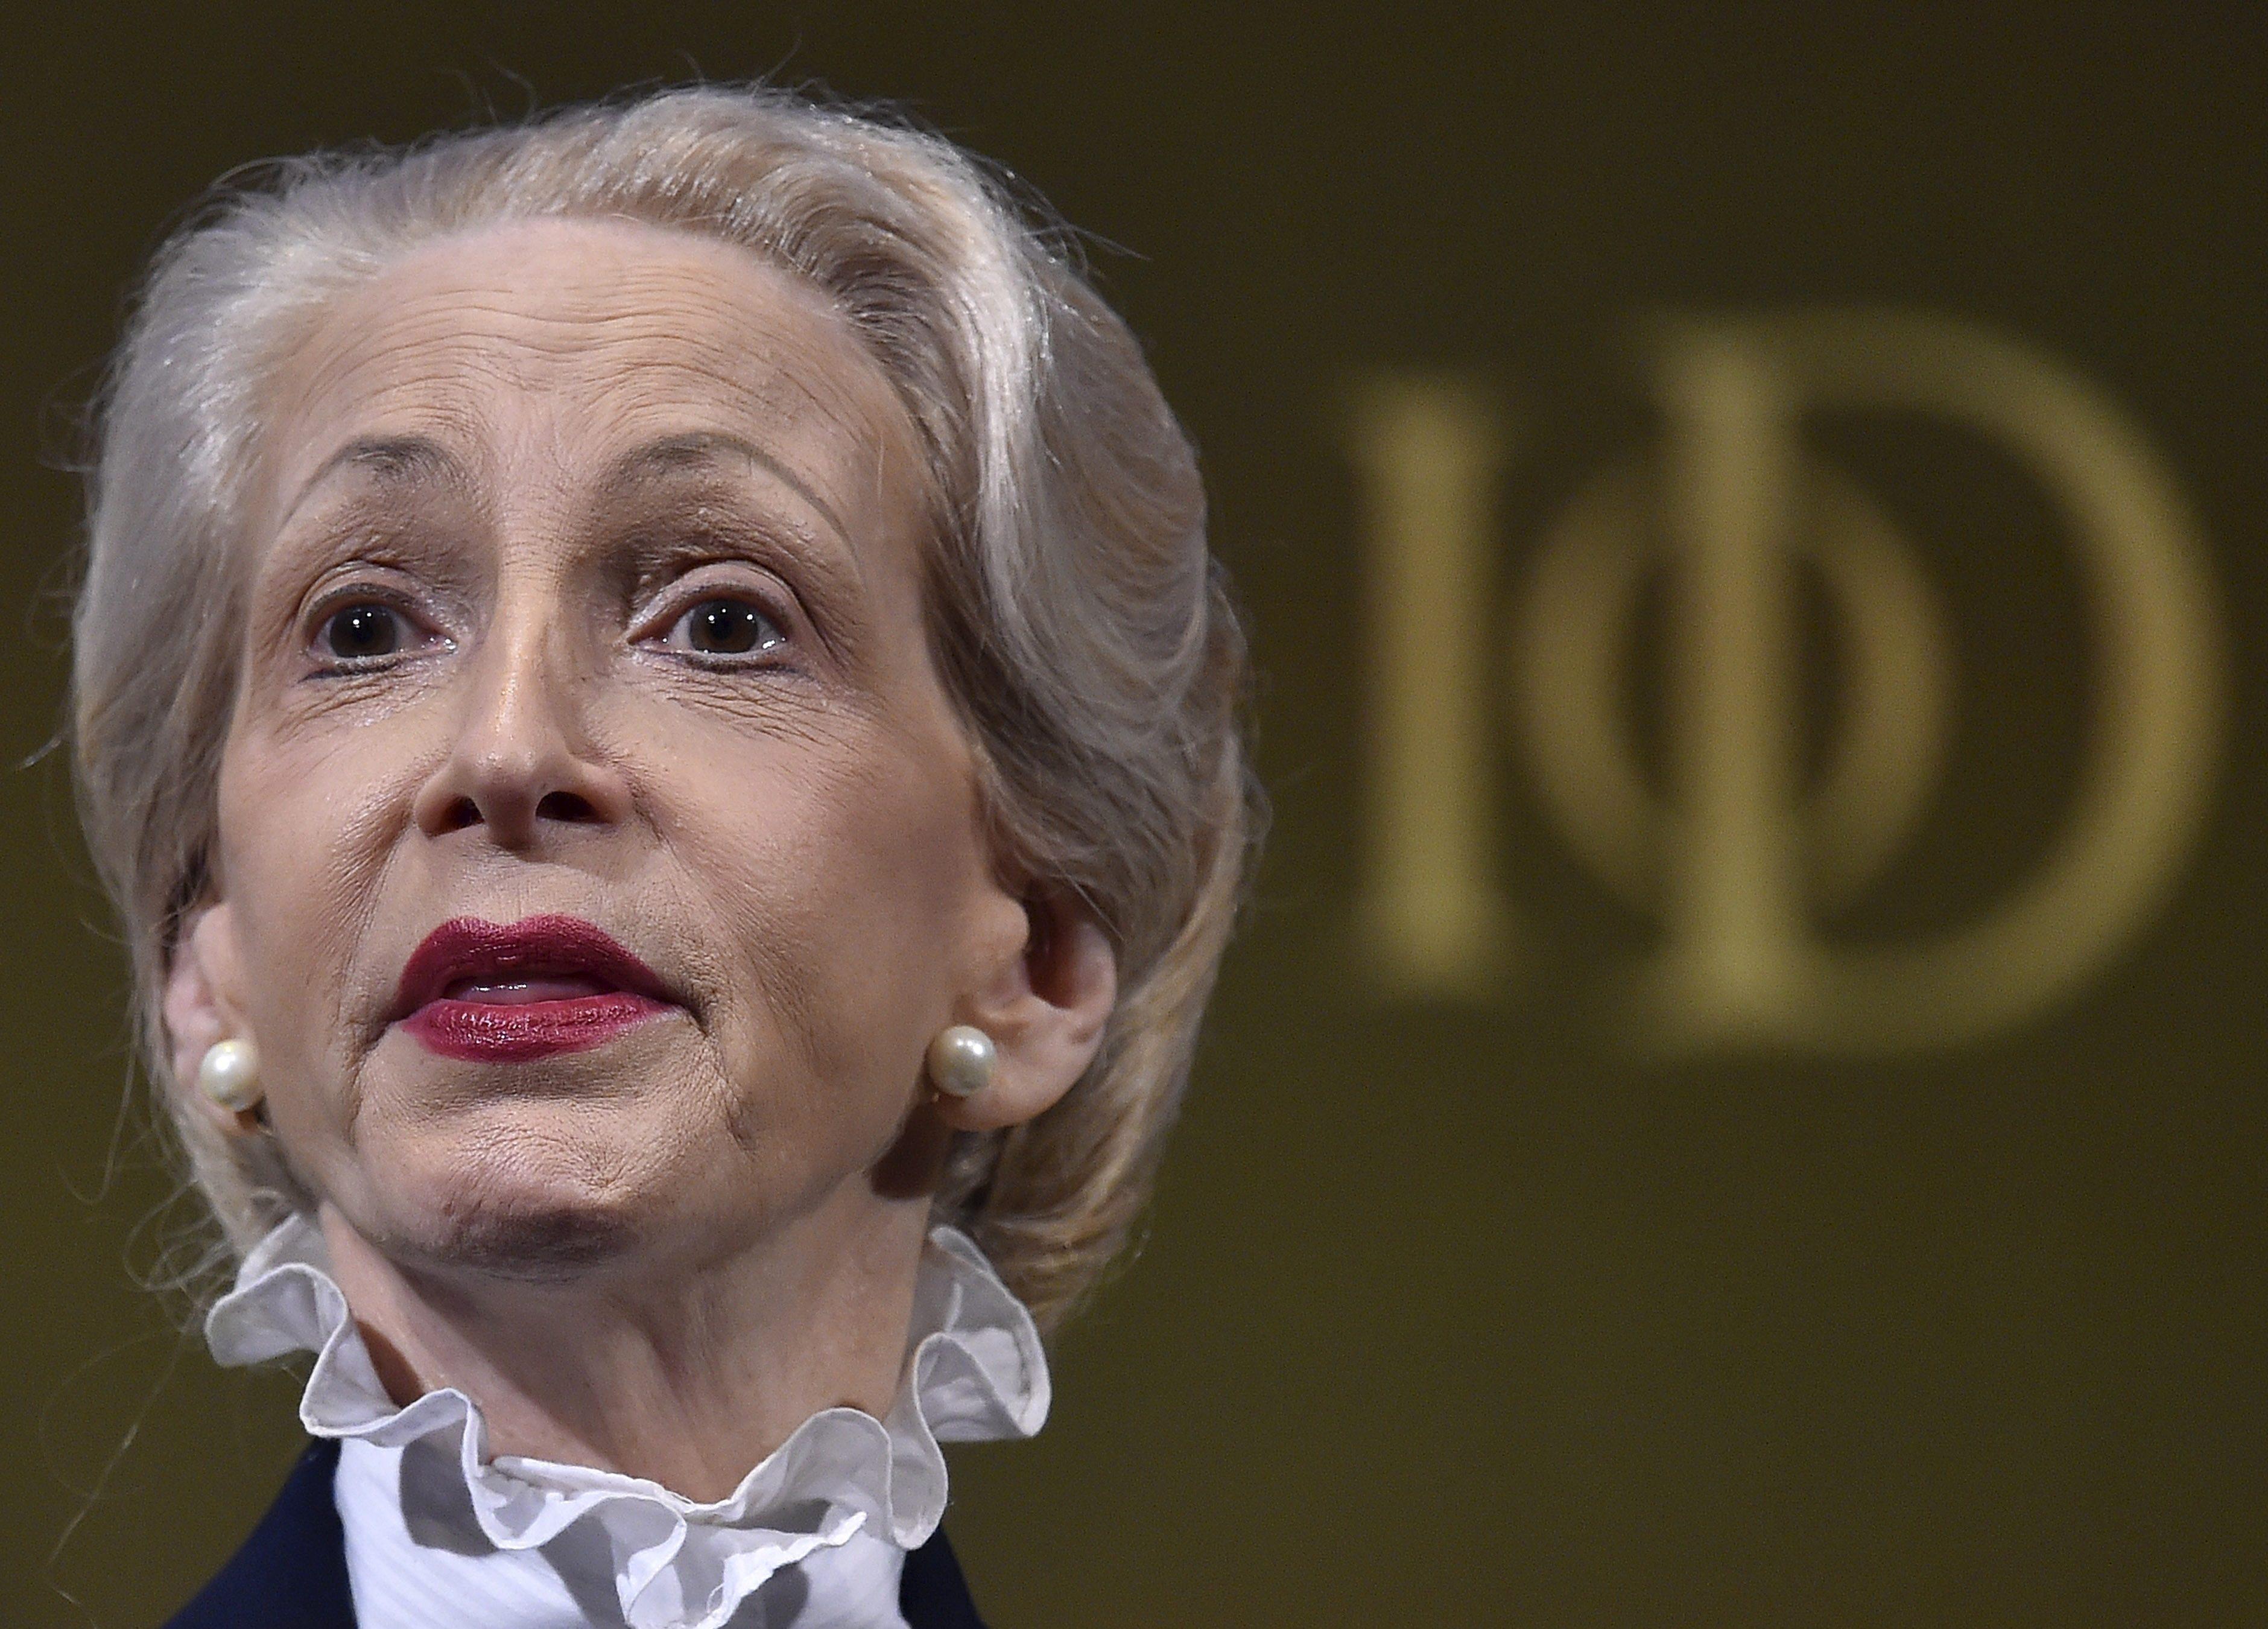 Institute of Directors suspends Barbara Judge amid claims of racism